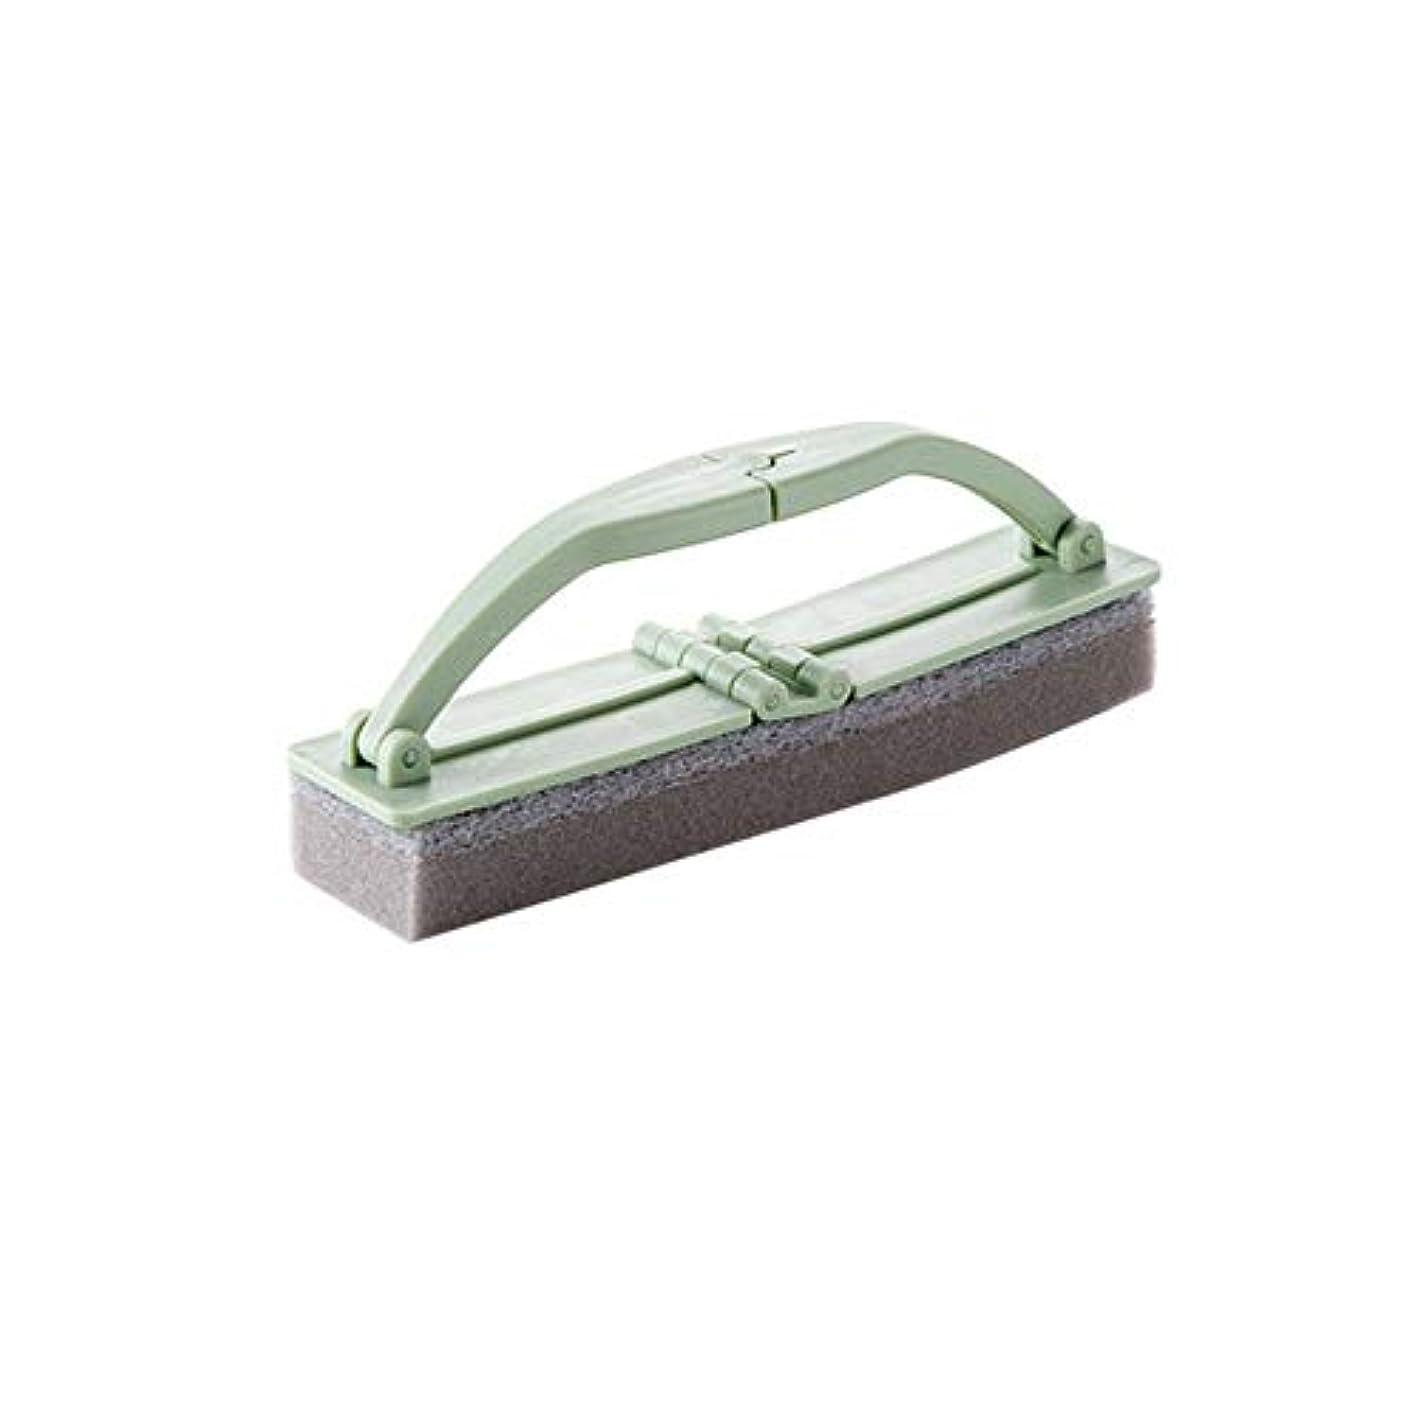 コーラス省略する怠けたポアクリーニング 折りたたみ式の浴室スポンジハンドル付き強力な汚染除去タイルクリーニングスポンジブラシ2 PCS マッサージブラシ (色 : 緑)